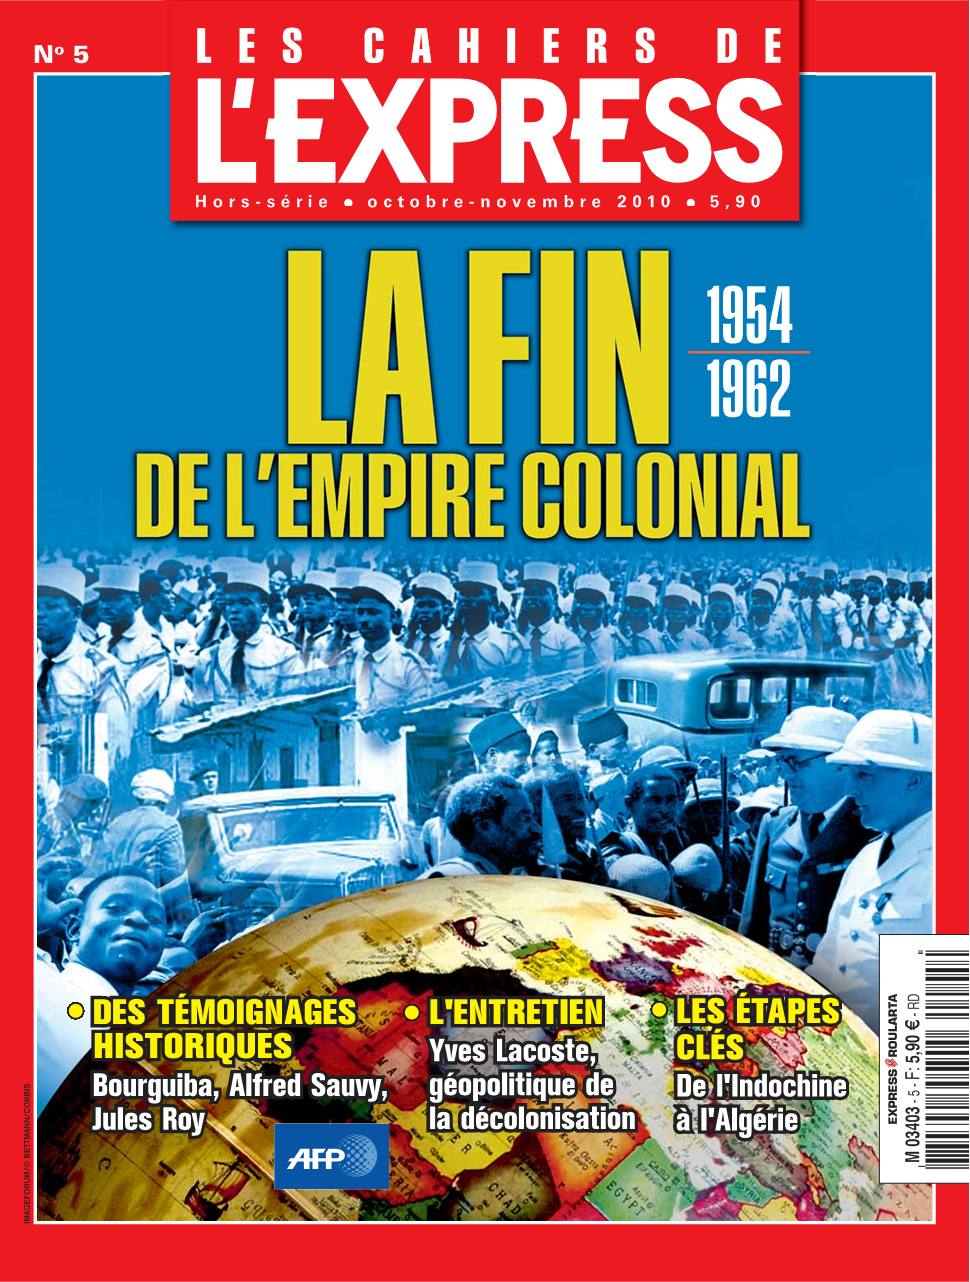 Les Cahiers de L'Express 5 - La fin de l'empire colonial